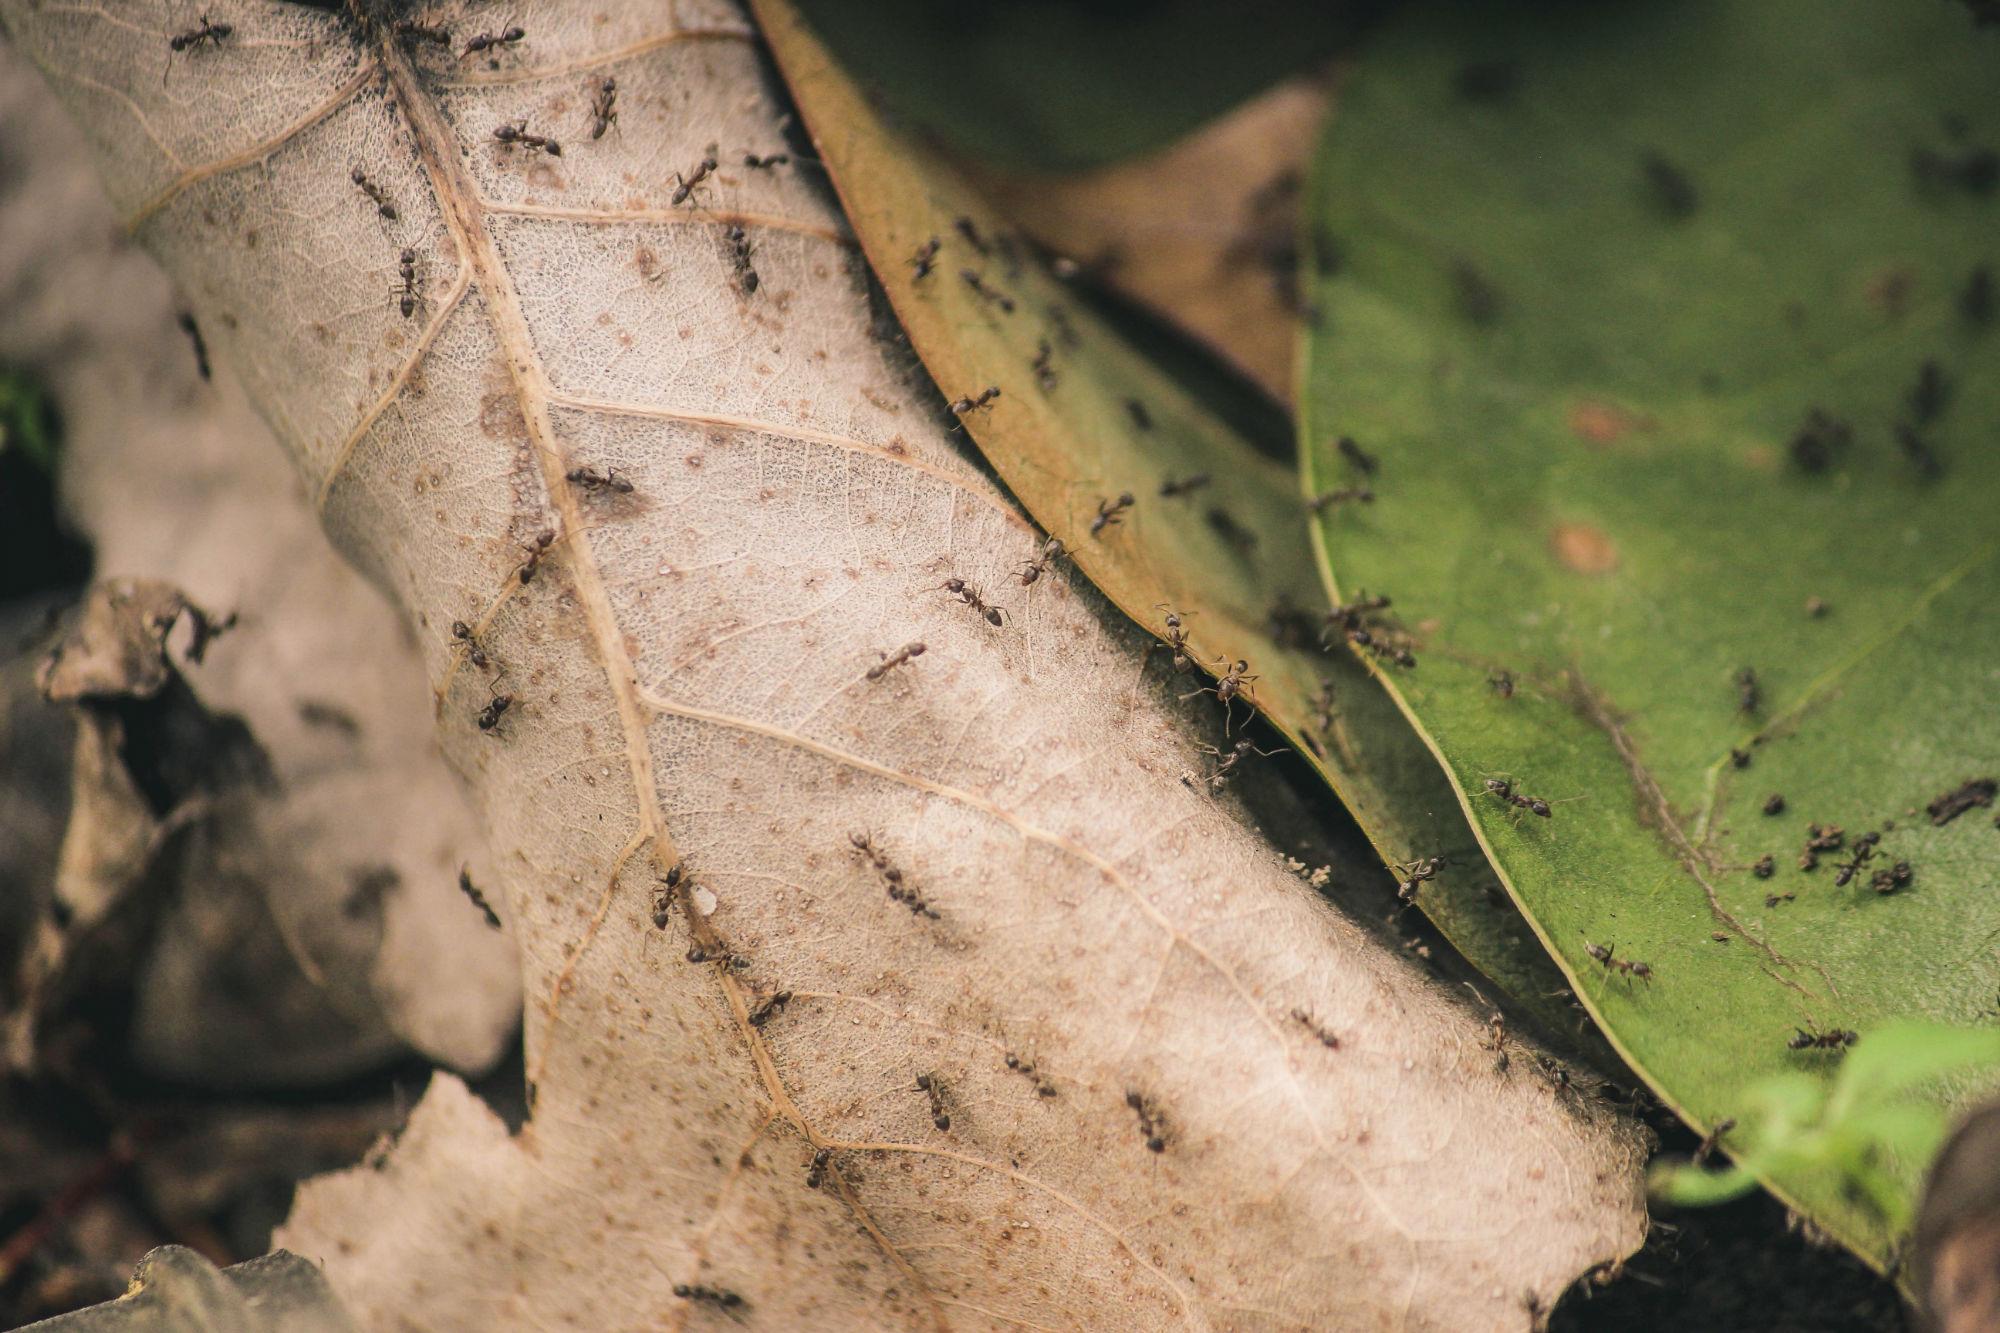 Swarm of Ants